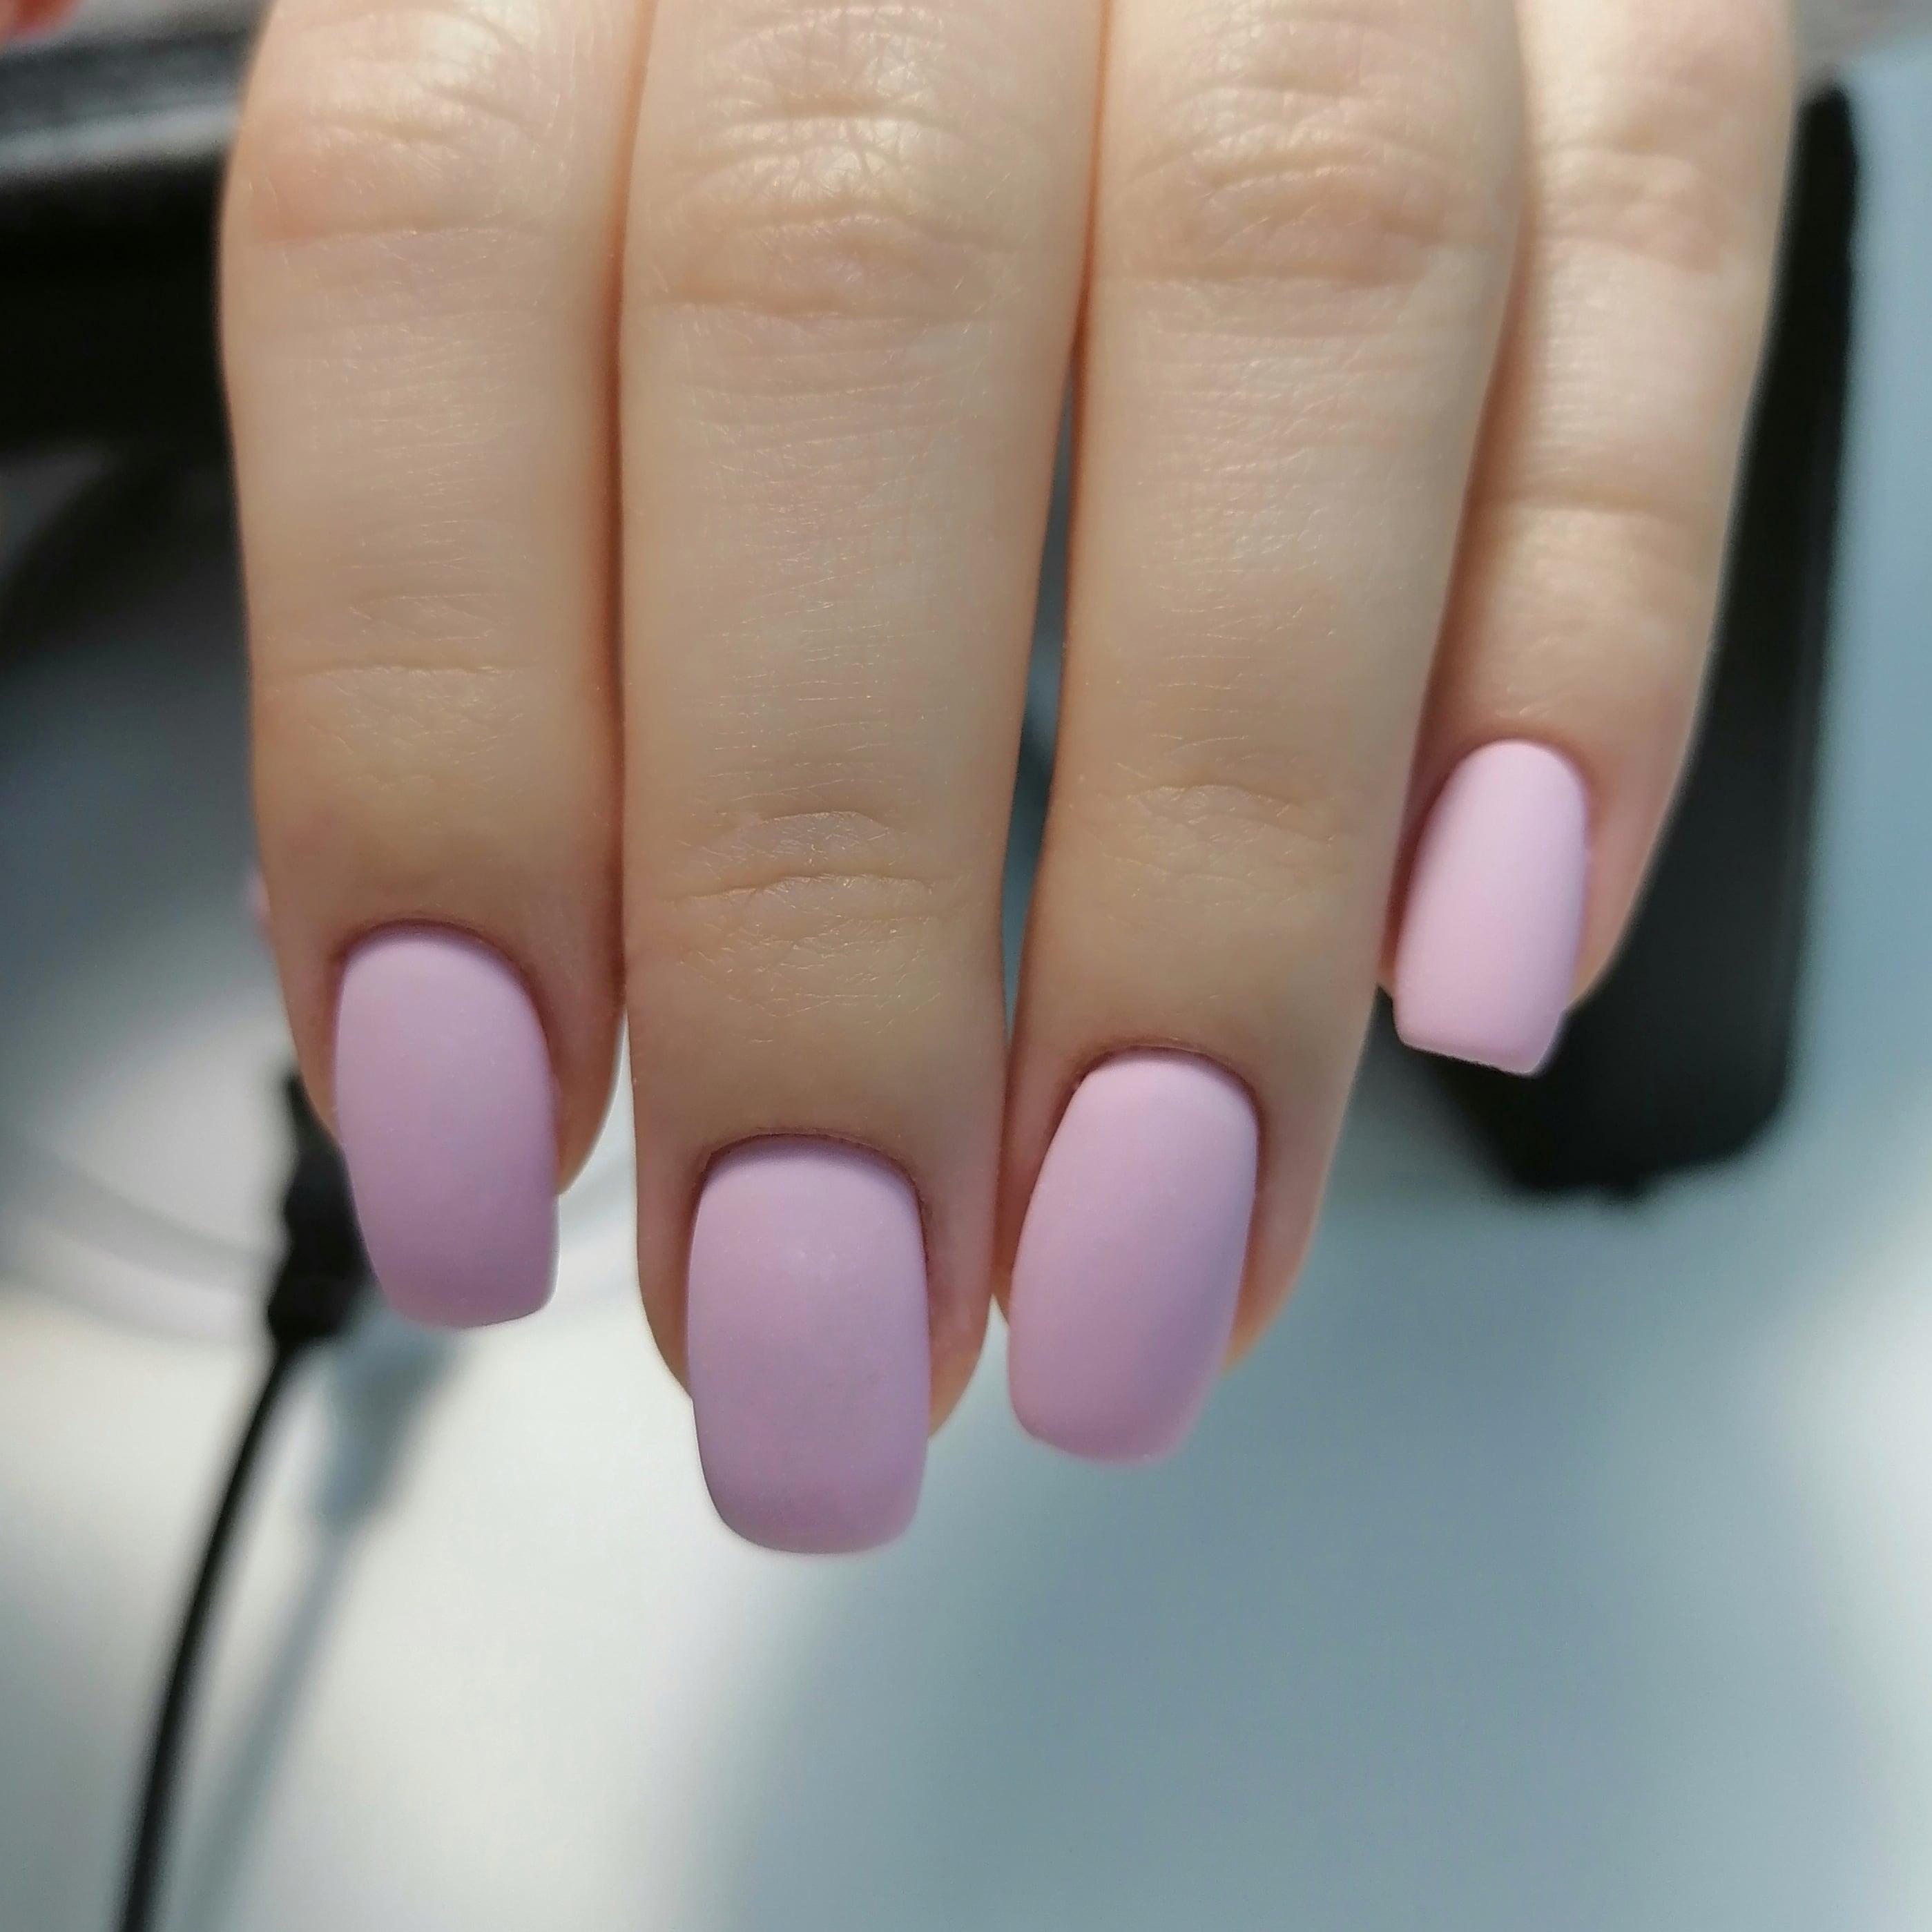 Матовый маникюр в розовом цвете на короткие ногти.